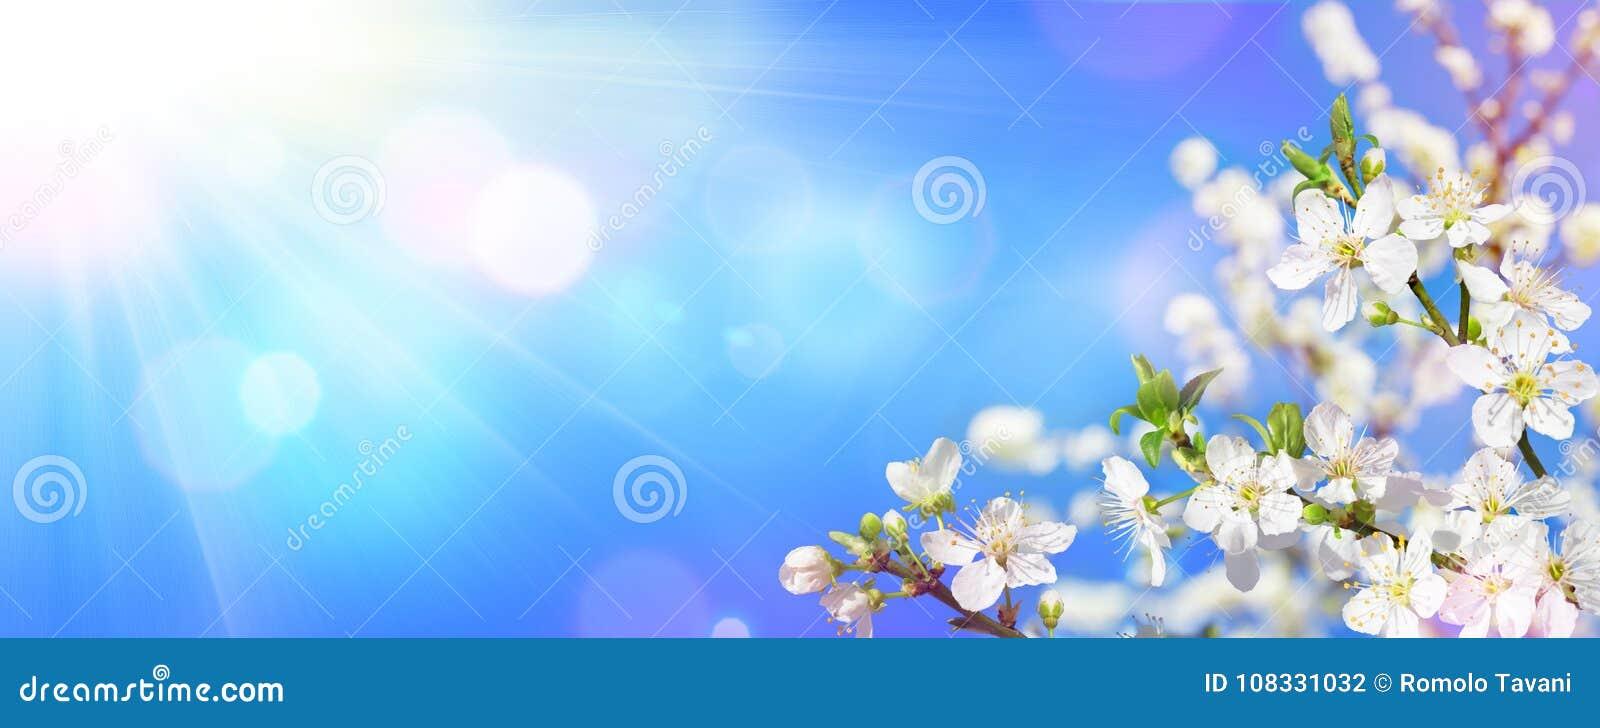 Ressort fleurissant - lumière du soleil sur des fleurs d amande